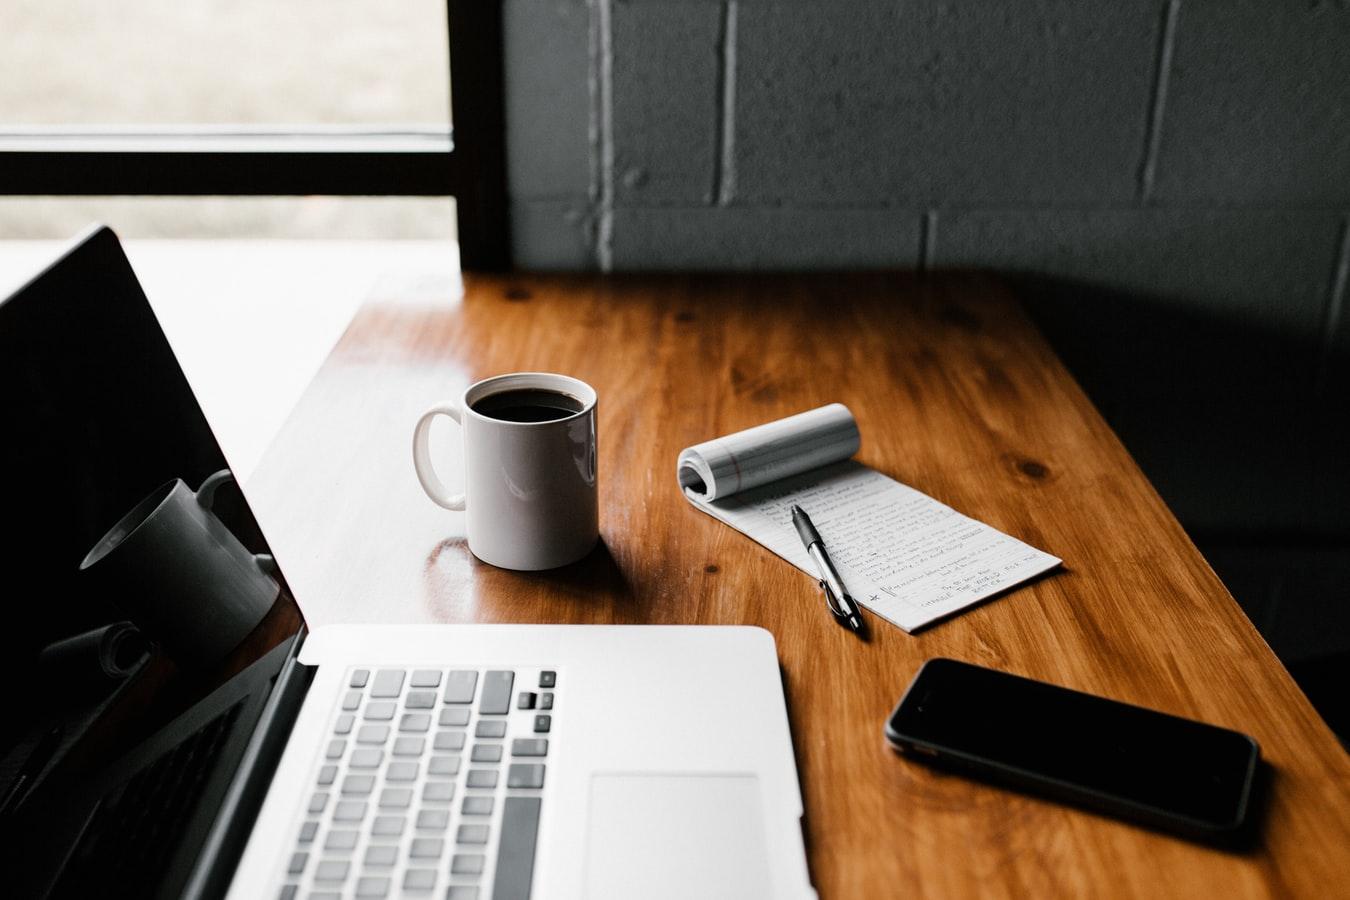 seo blogartikelen schrijven tips